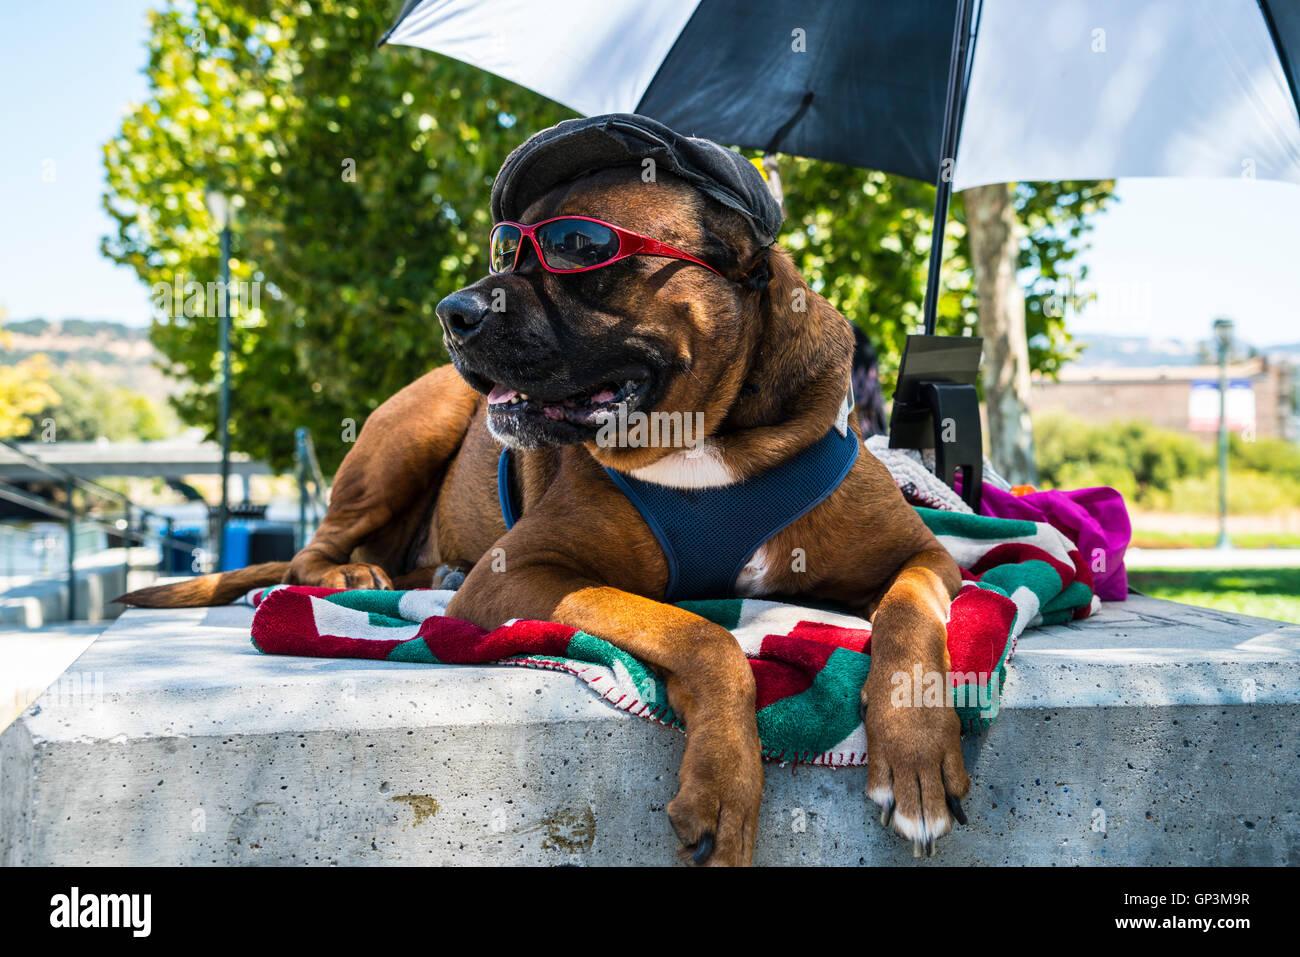 Gran Perro con gorra y gafas de sol relajándose en Napa California.....hilarante Imagen De Stock